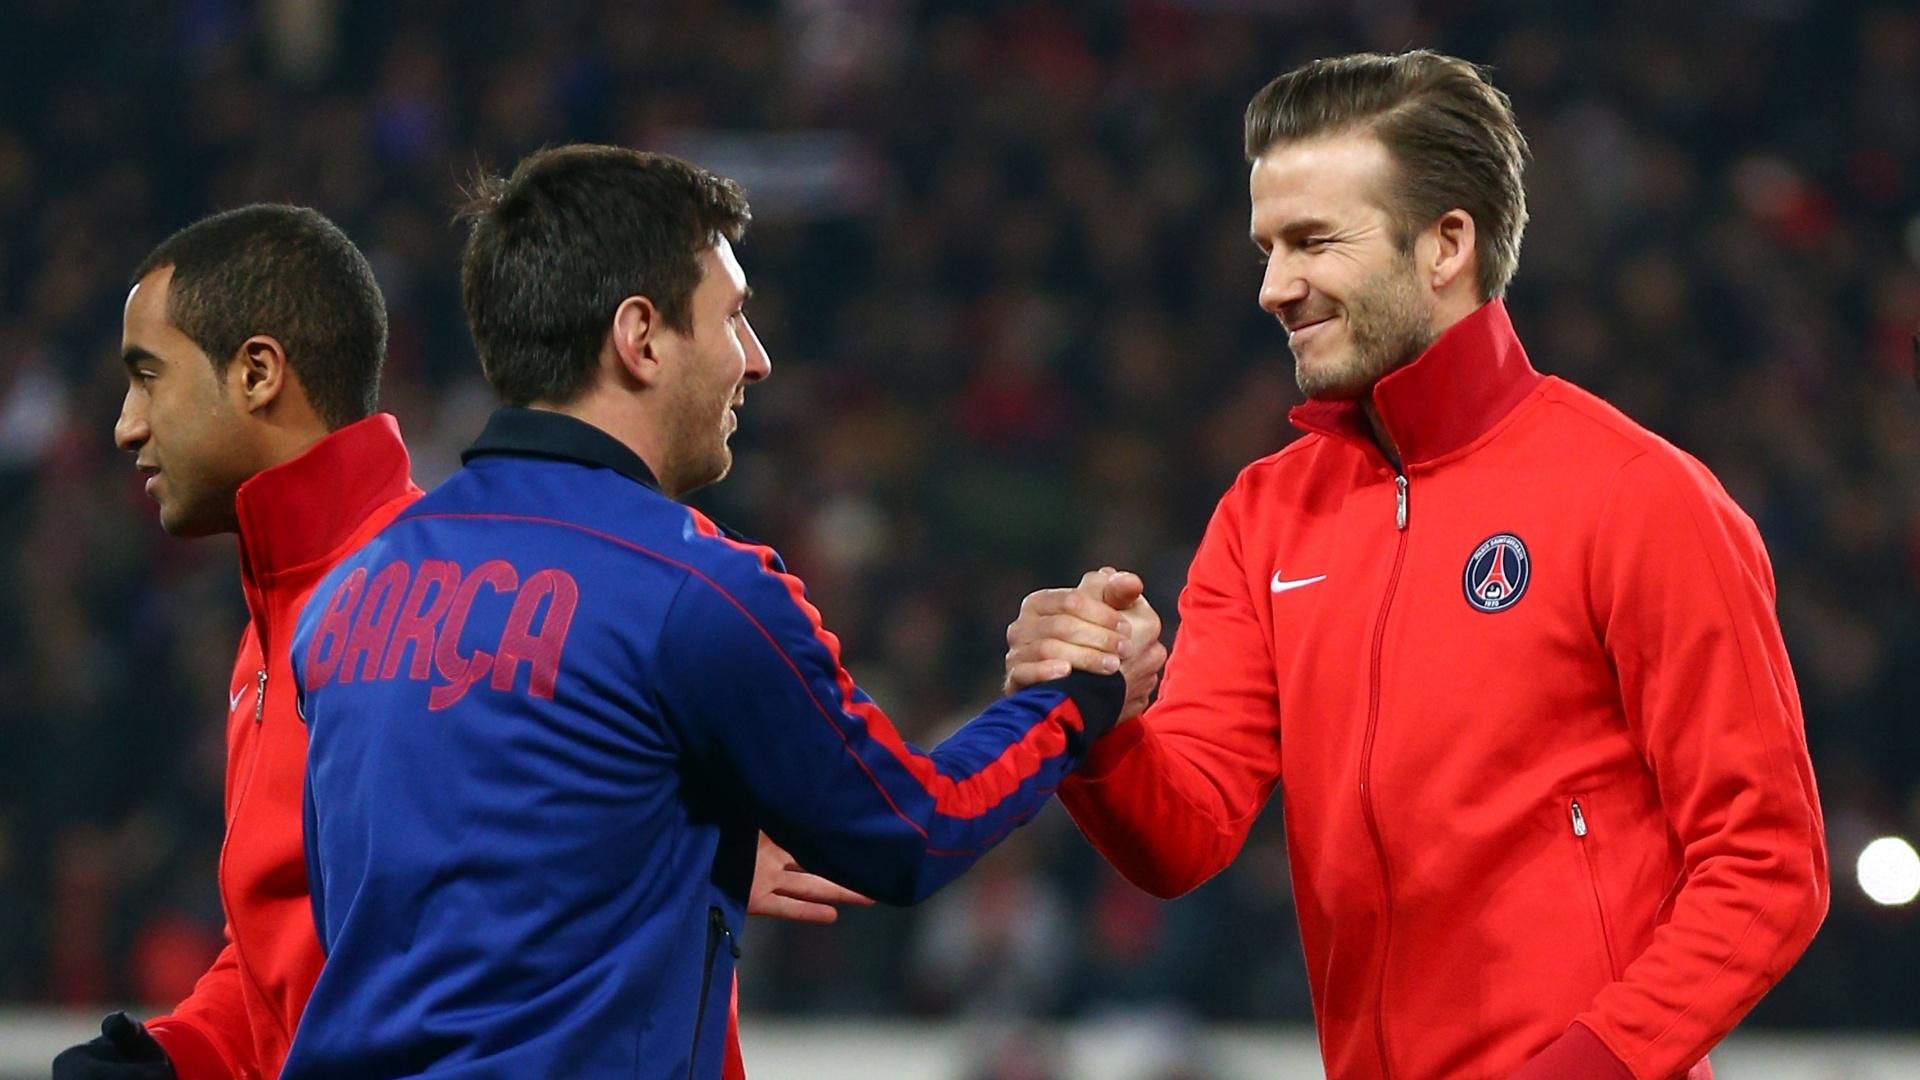 02.abr.2013- Ao lado de Lucas (e.), Beckham cumprimenta Messi antes da partida entre PSG e Barcelona pelas quartas da Liga dos Campeões